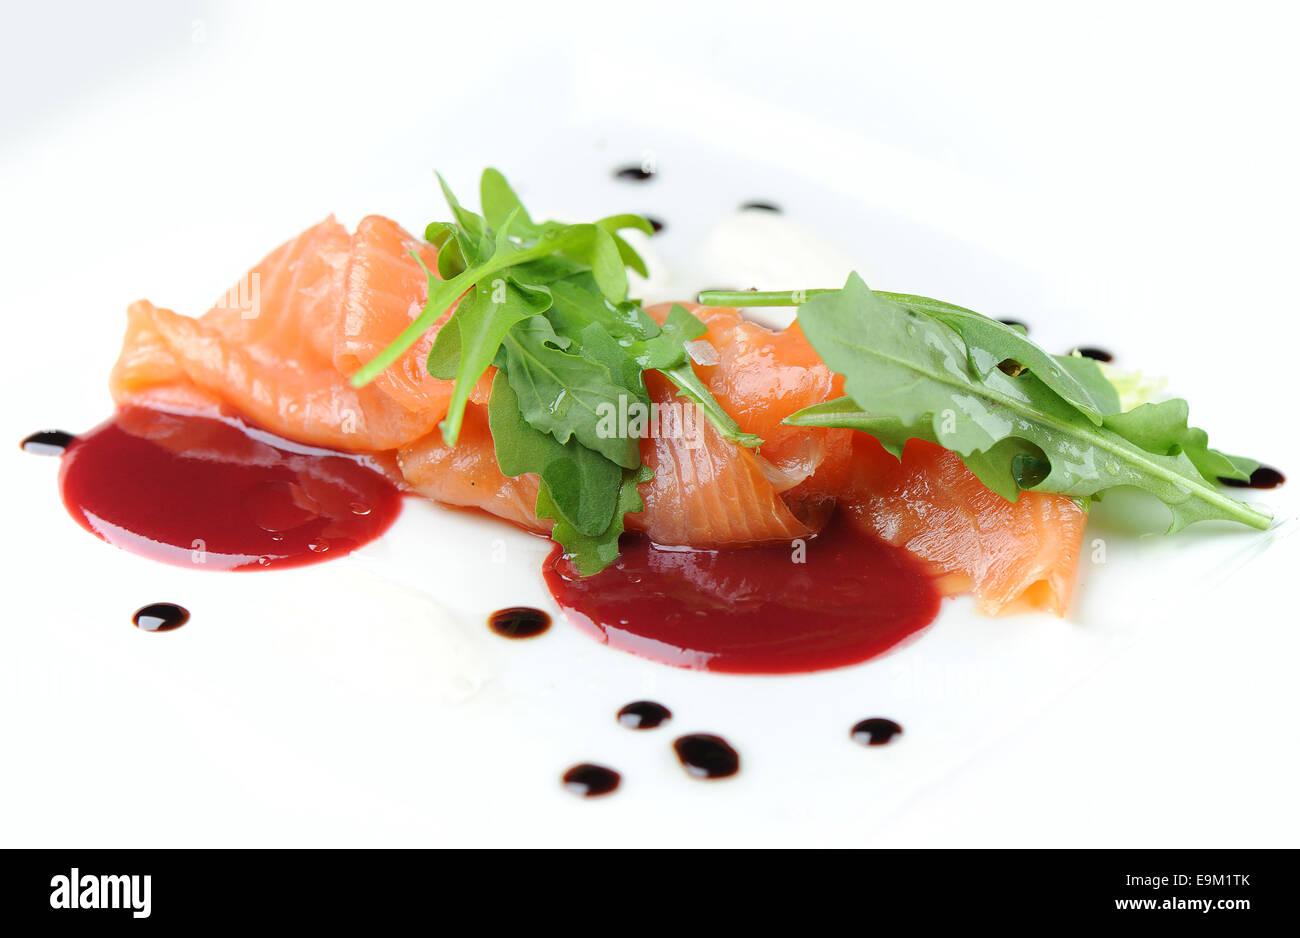 Gravlax de saumon fumé servi en entrée sur une assiette blanche avec la sauce chili. Photo Stock